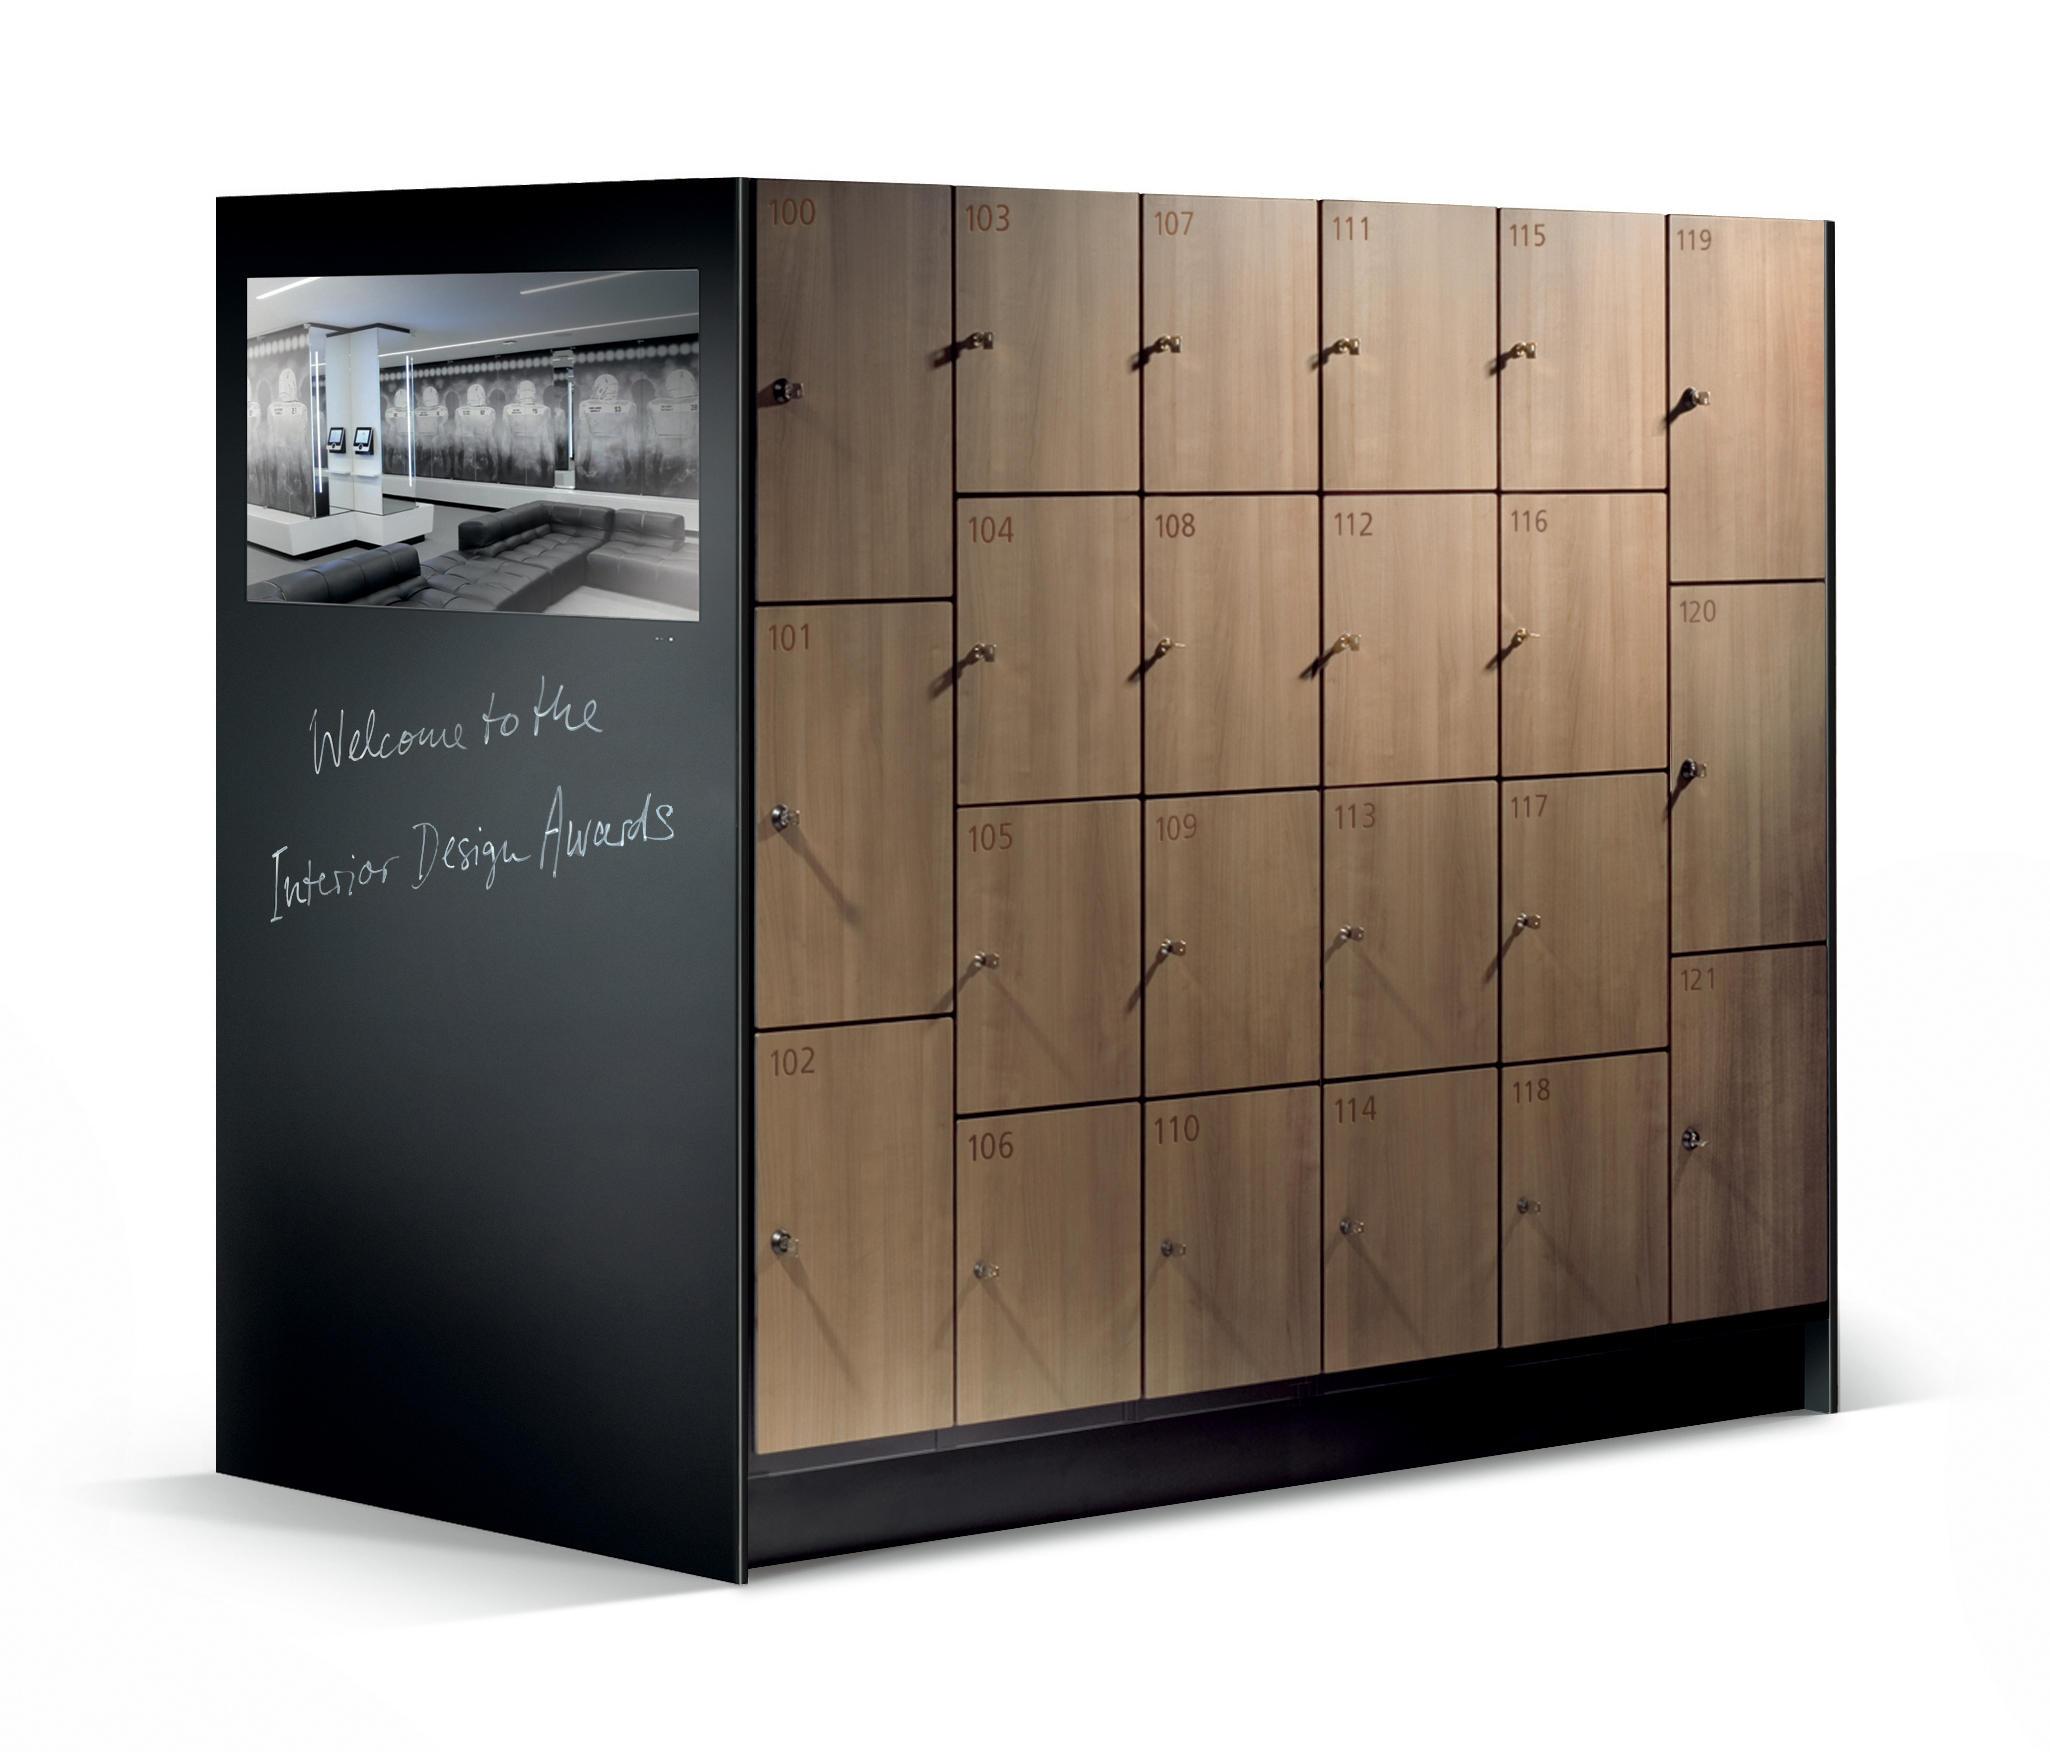 cambio garderobenschrank s 6000 kleiderspinde schliessf cher von c p m belsysteme architonic. Black Bedroom Furniture Sets. Home Design Ideas